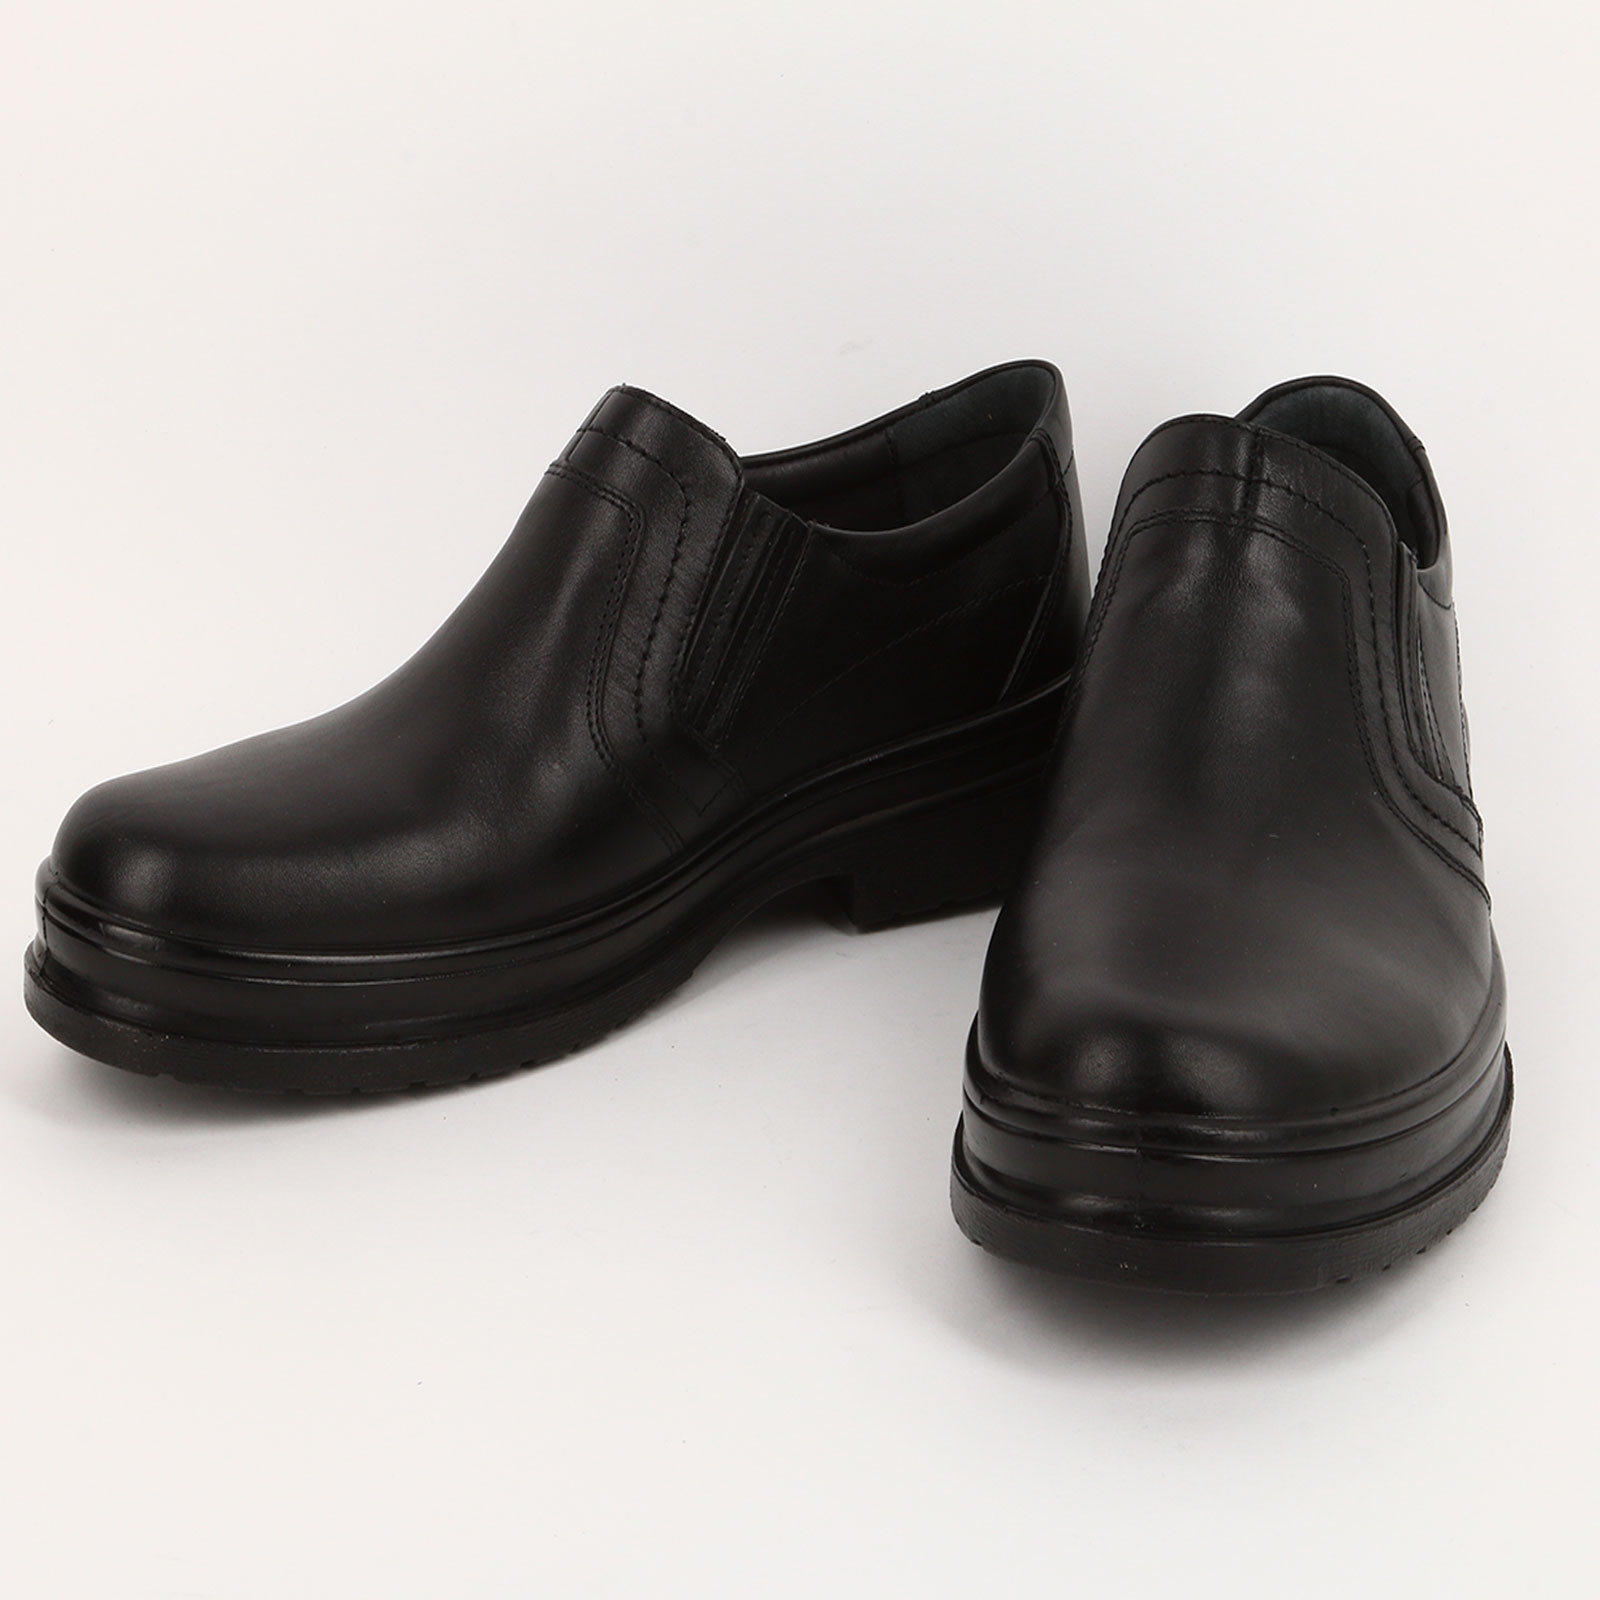 Мужские туфли со вставкой с тиснением